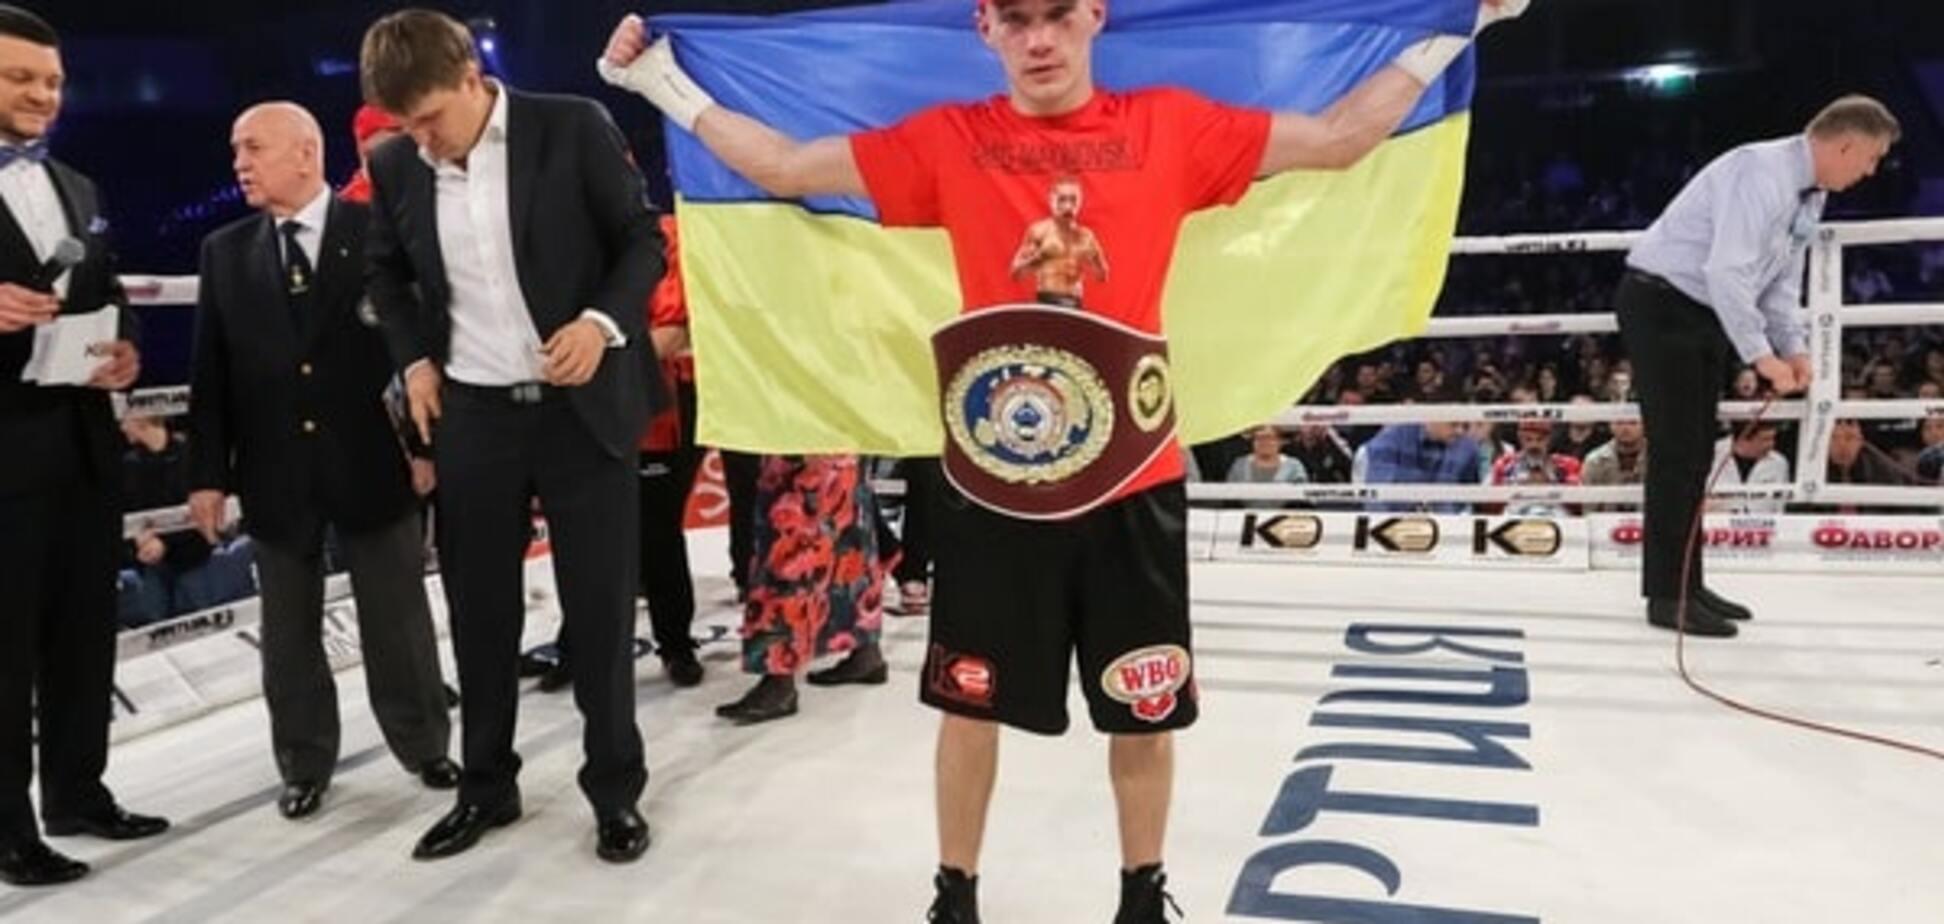 Український боксер став чемпіоном Європи, побивши росіянина